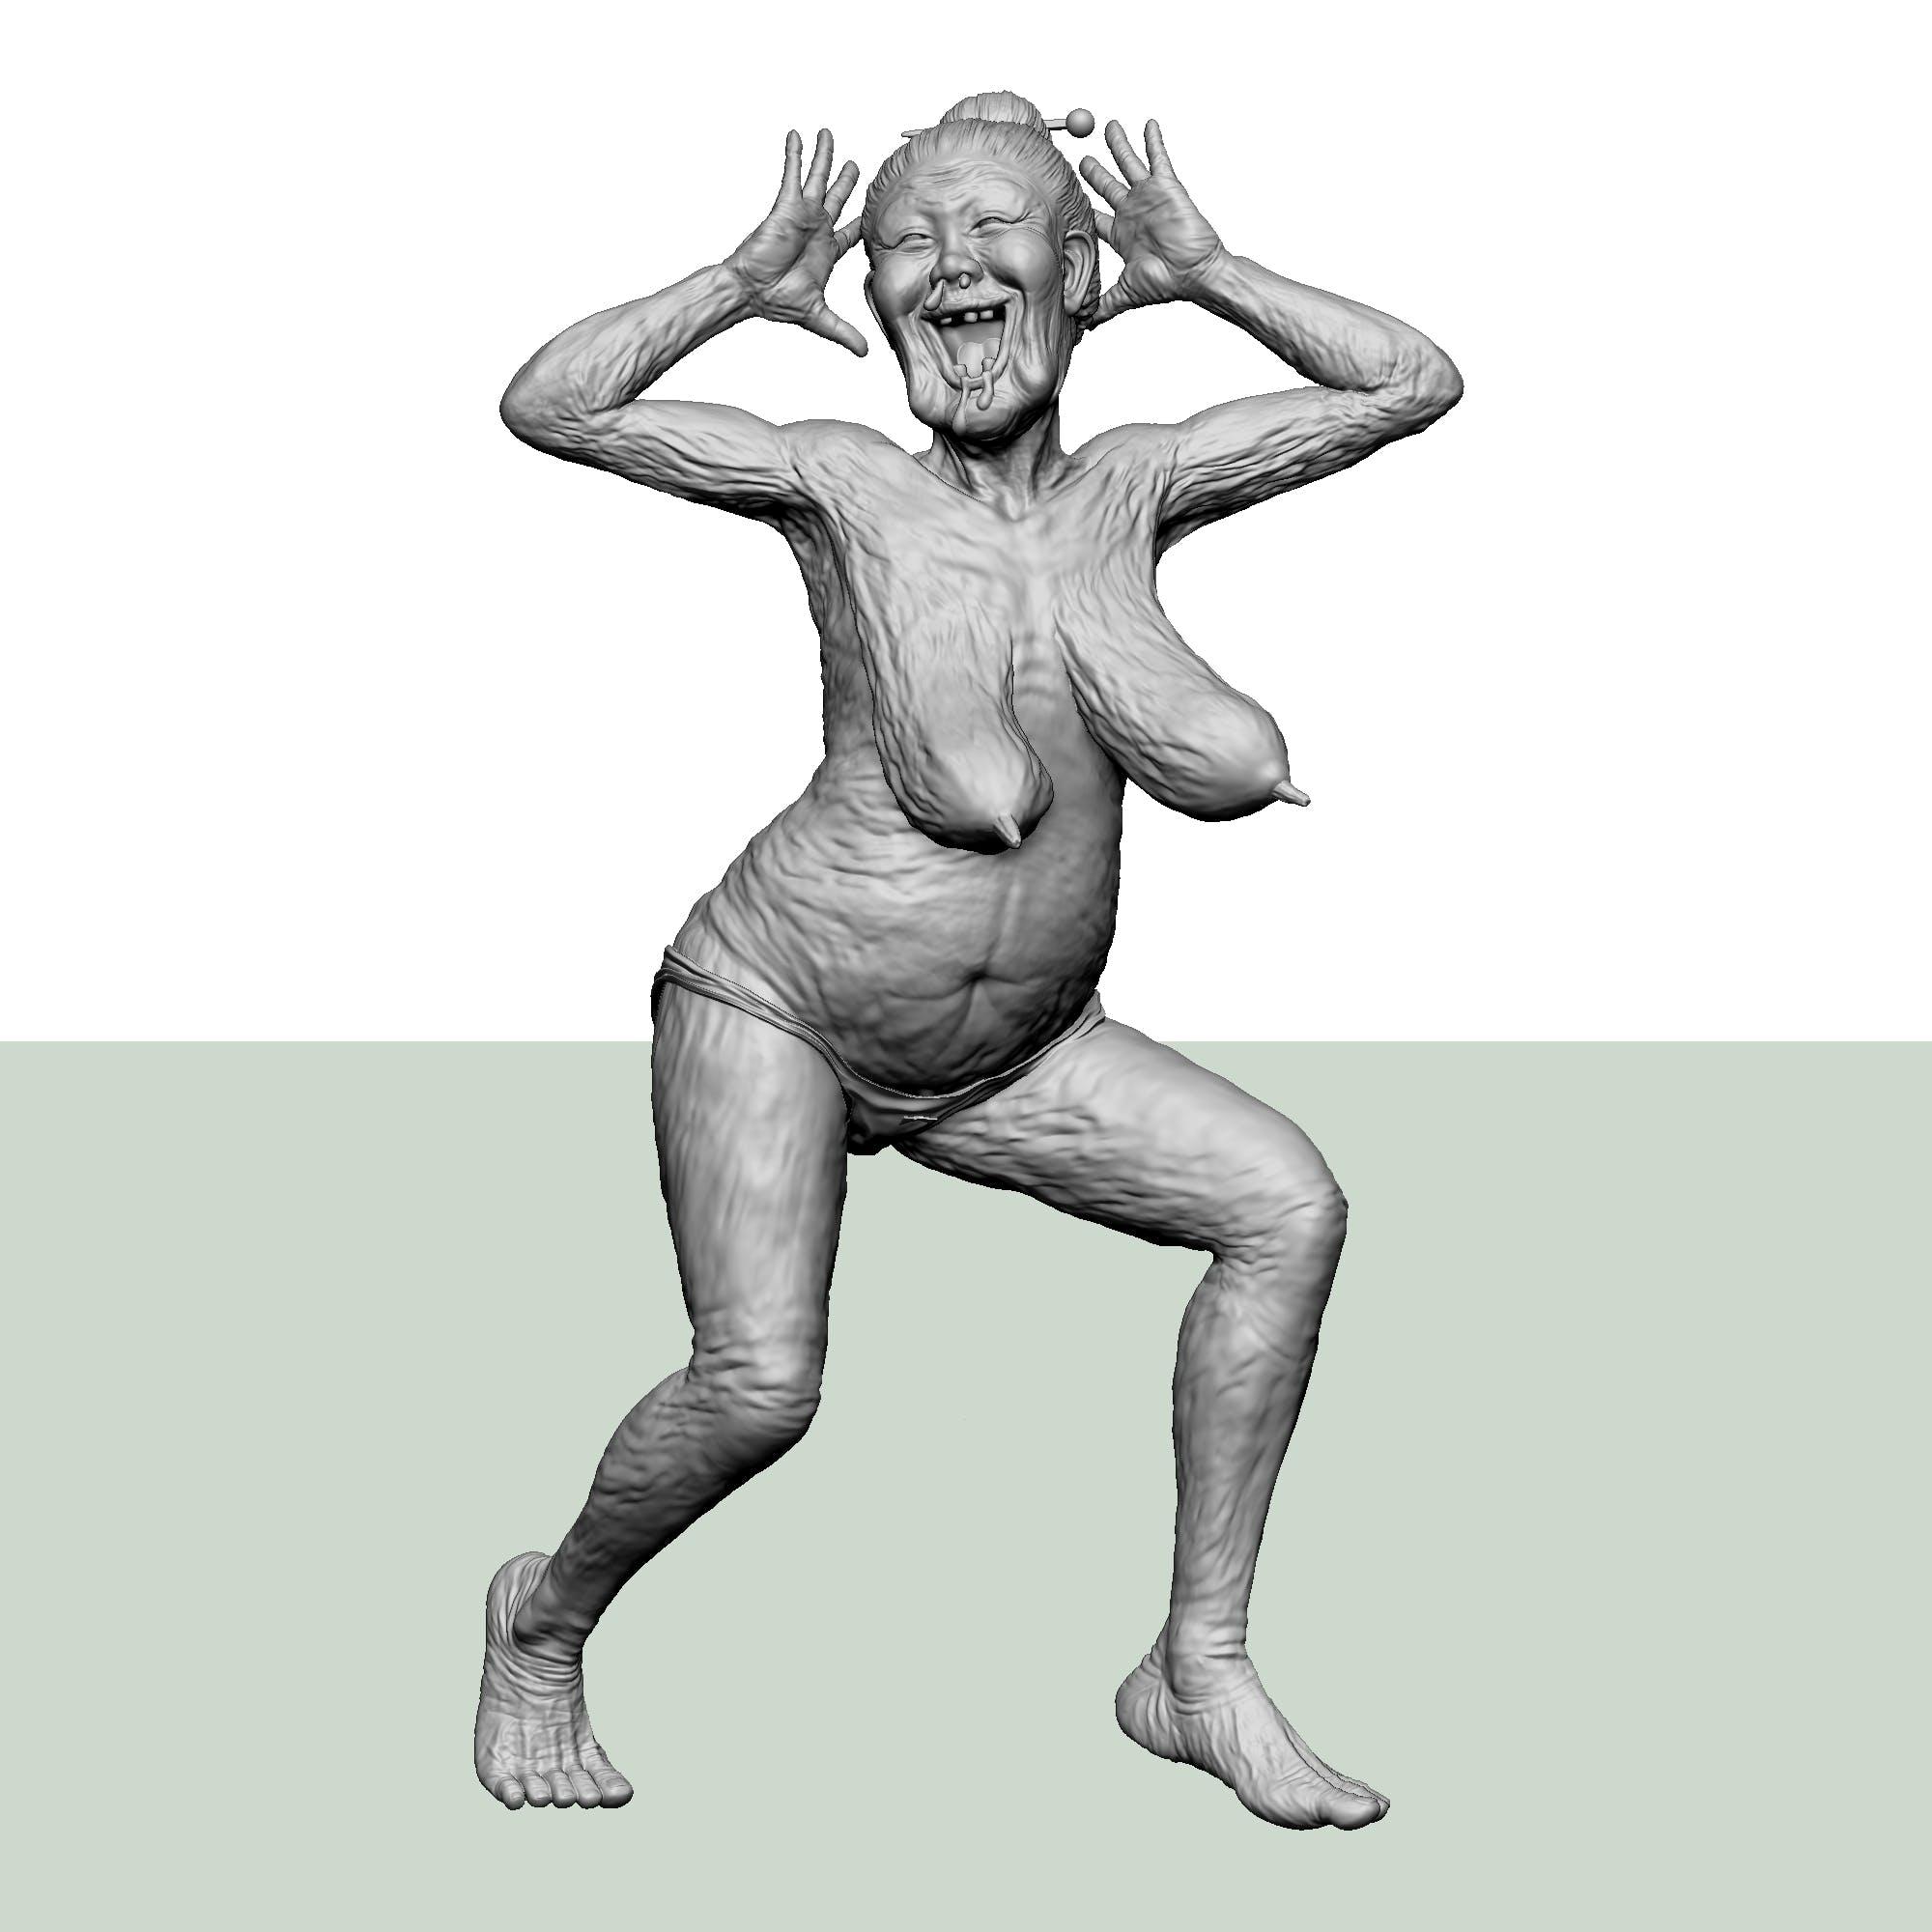 【素人熟女】エロ画像をどんどん集めろ!その153 [無断転載禁止]©bbspink.comYouTube動画>2本 ->画像>1075枚